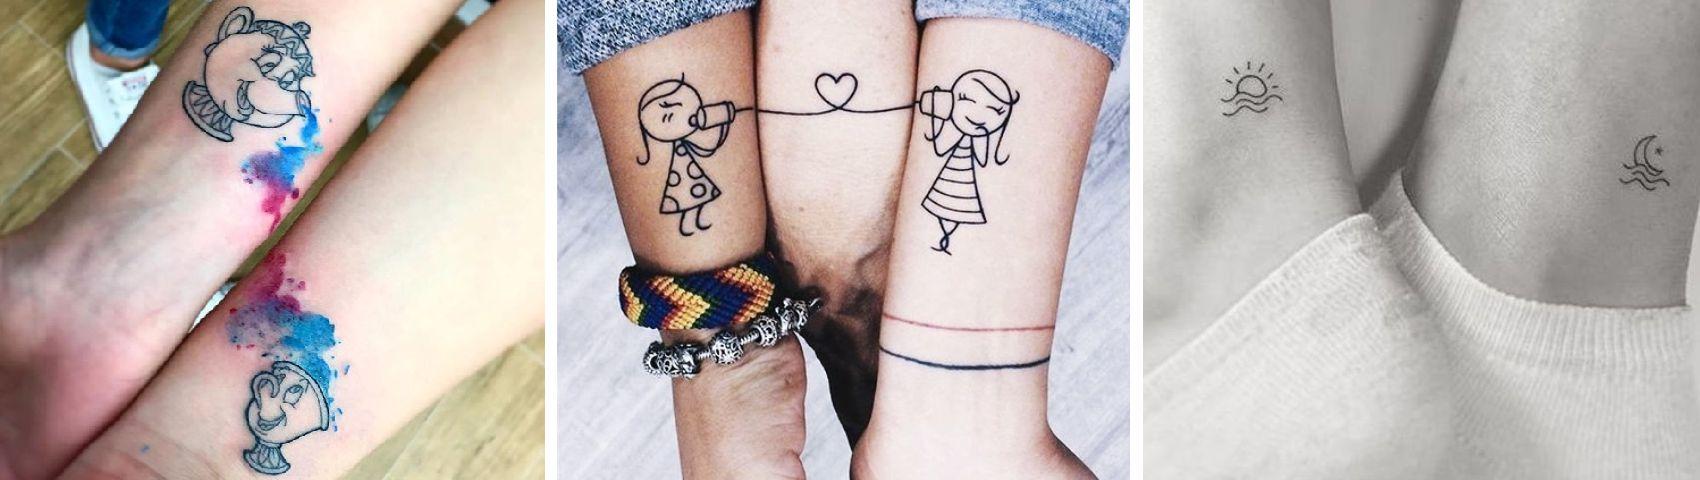 Tatuaggio Tattoo Madre Figlia Complementari 2